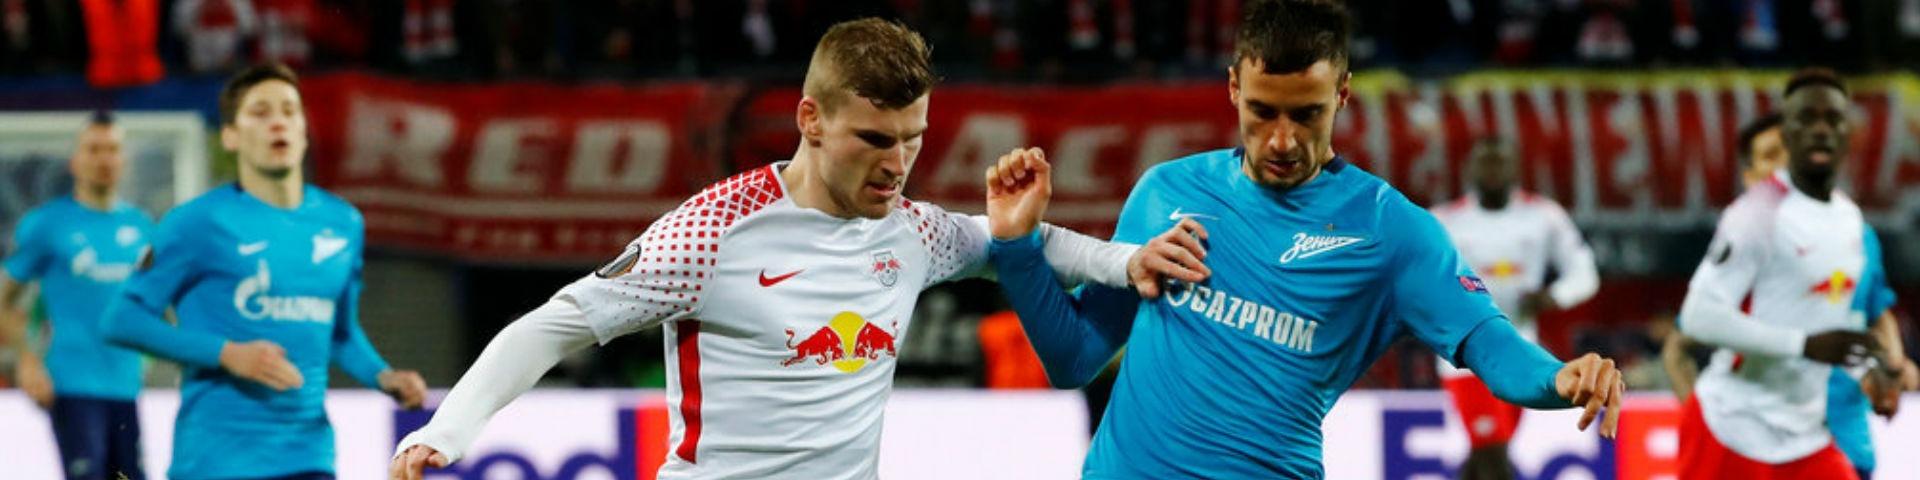 Букмекеры: «Лейпциг» — фаворит в матче с «Зенитом»